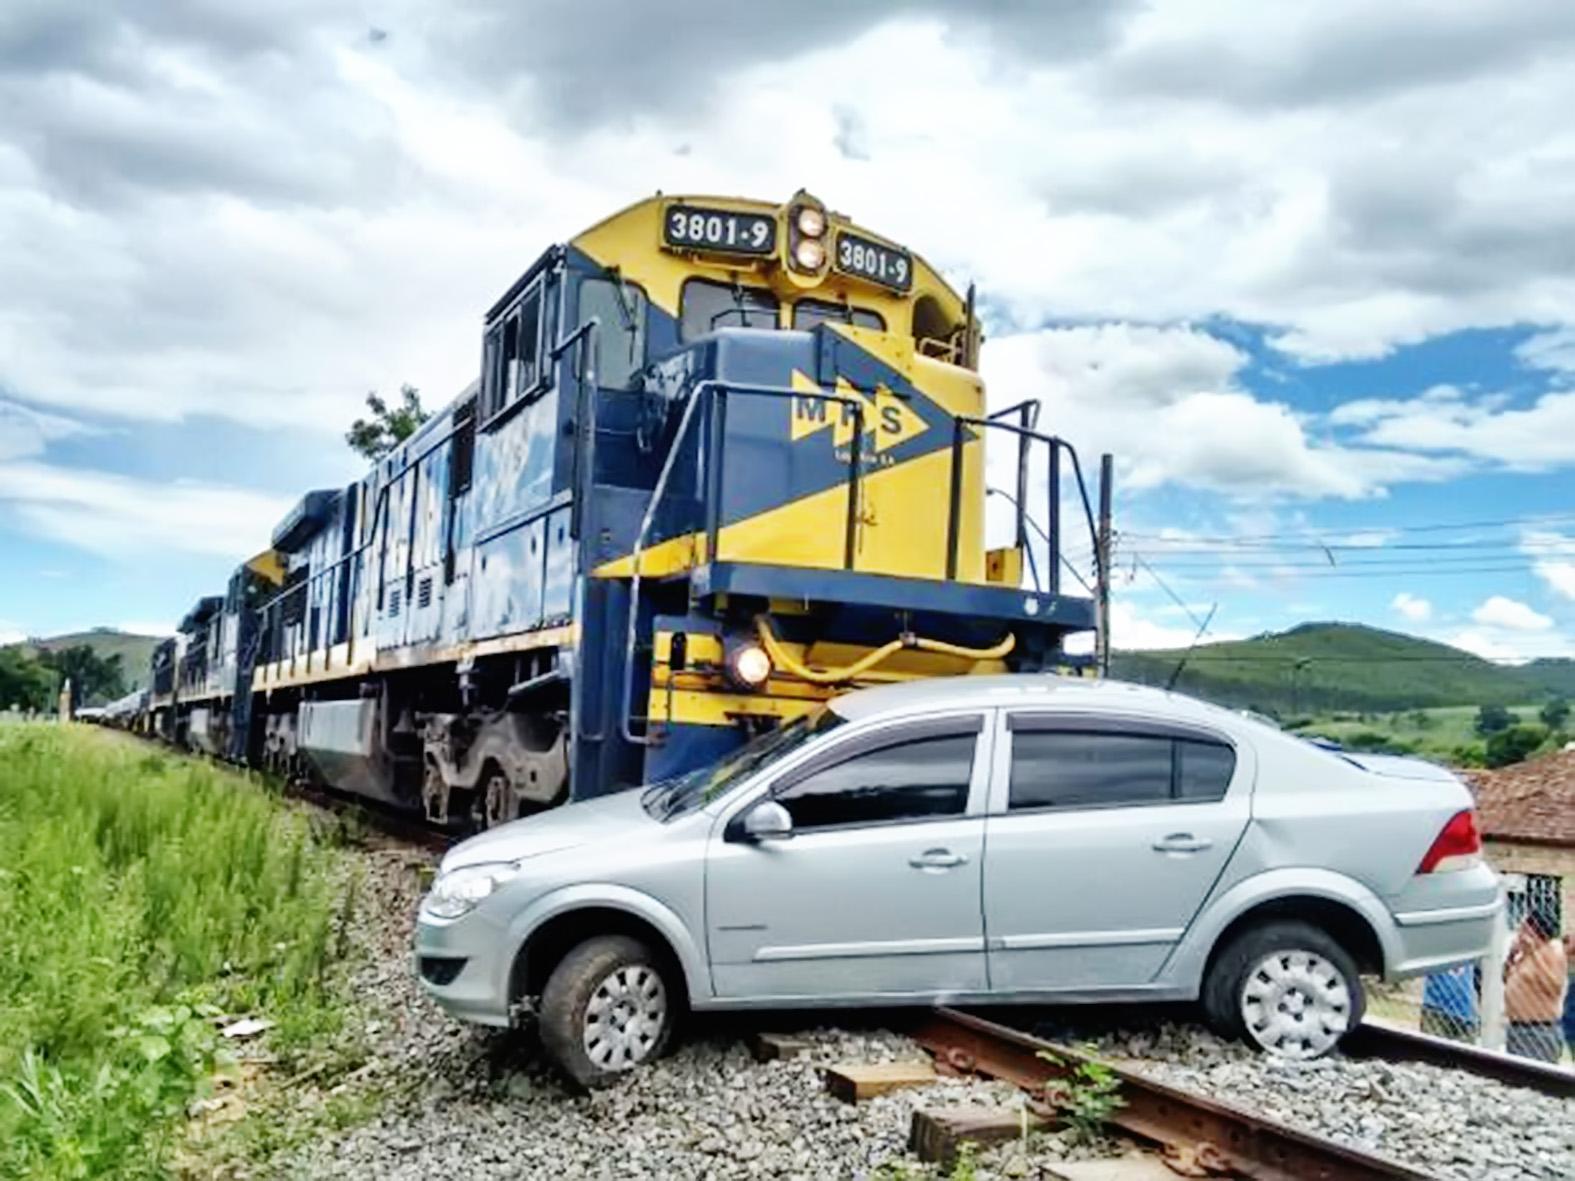 Acidente de trem em Canas; campanha da MRS tenta evitar novas ocorrências em cidade da região (Foto: Arquivo Atos)